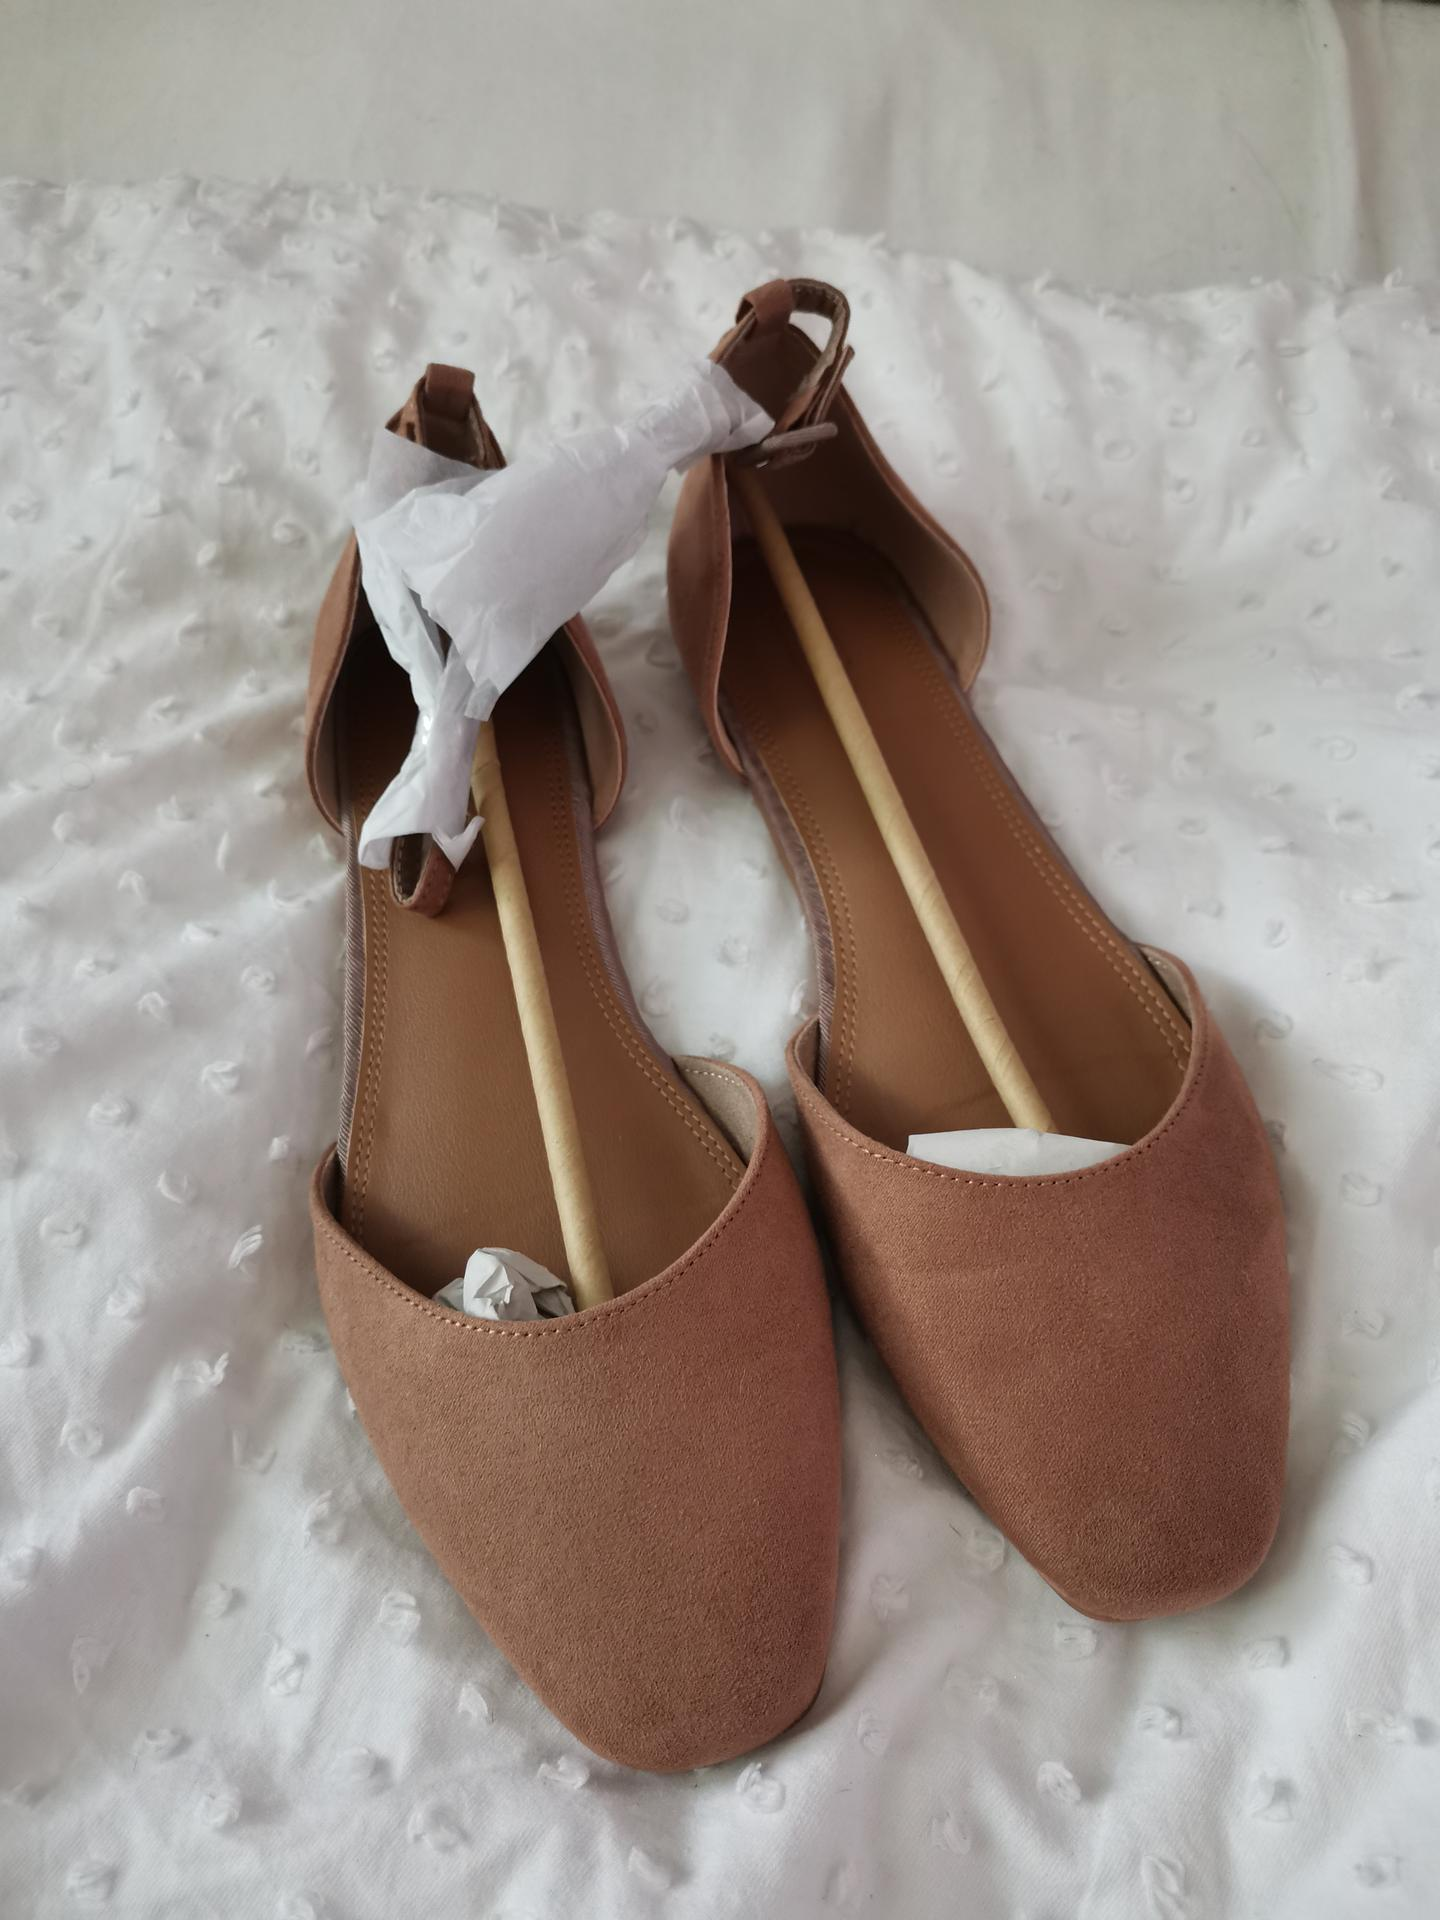 Vrabcovi 10.9.2022 - Svatební boty - asos